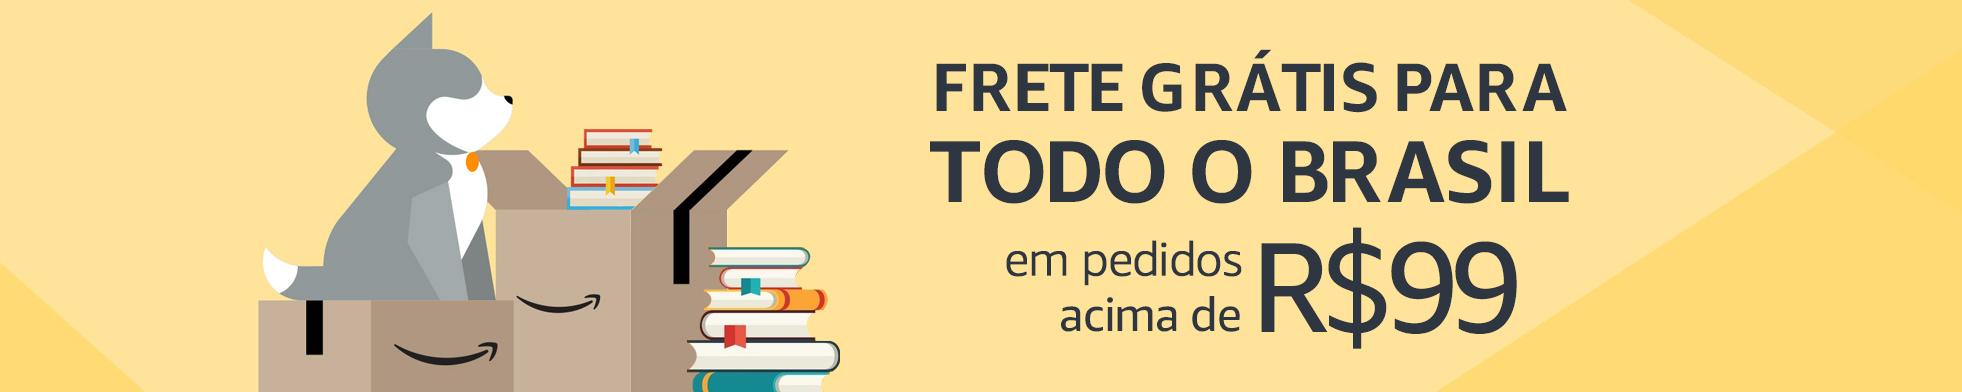 Frete Grátis para Todo o Brasil em produtos acima de R$99